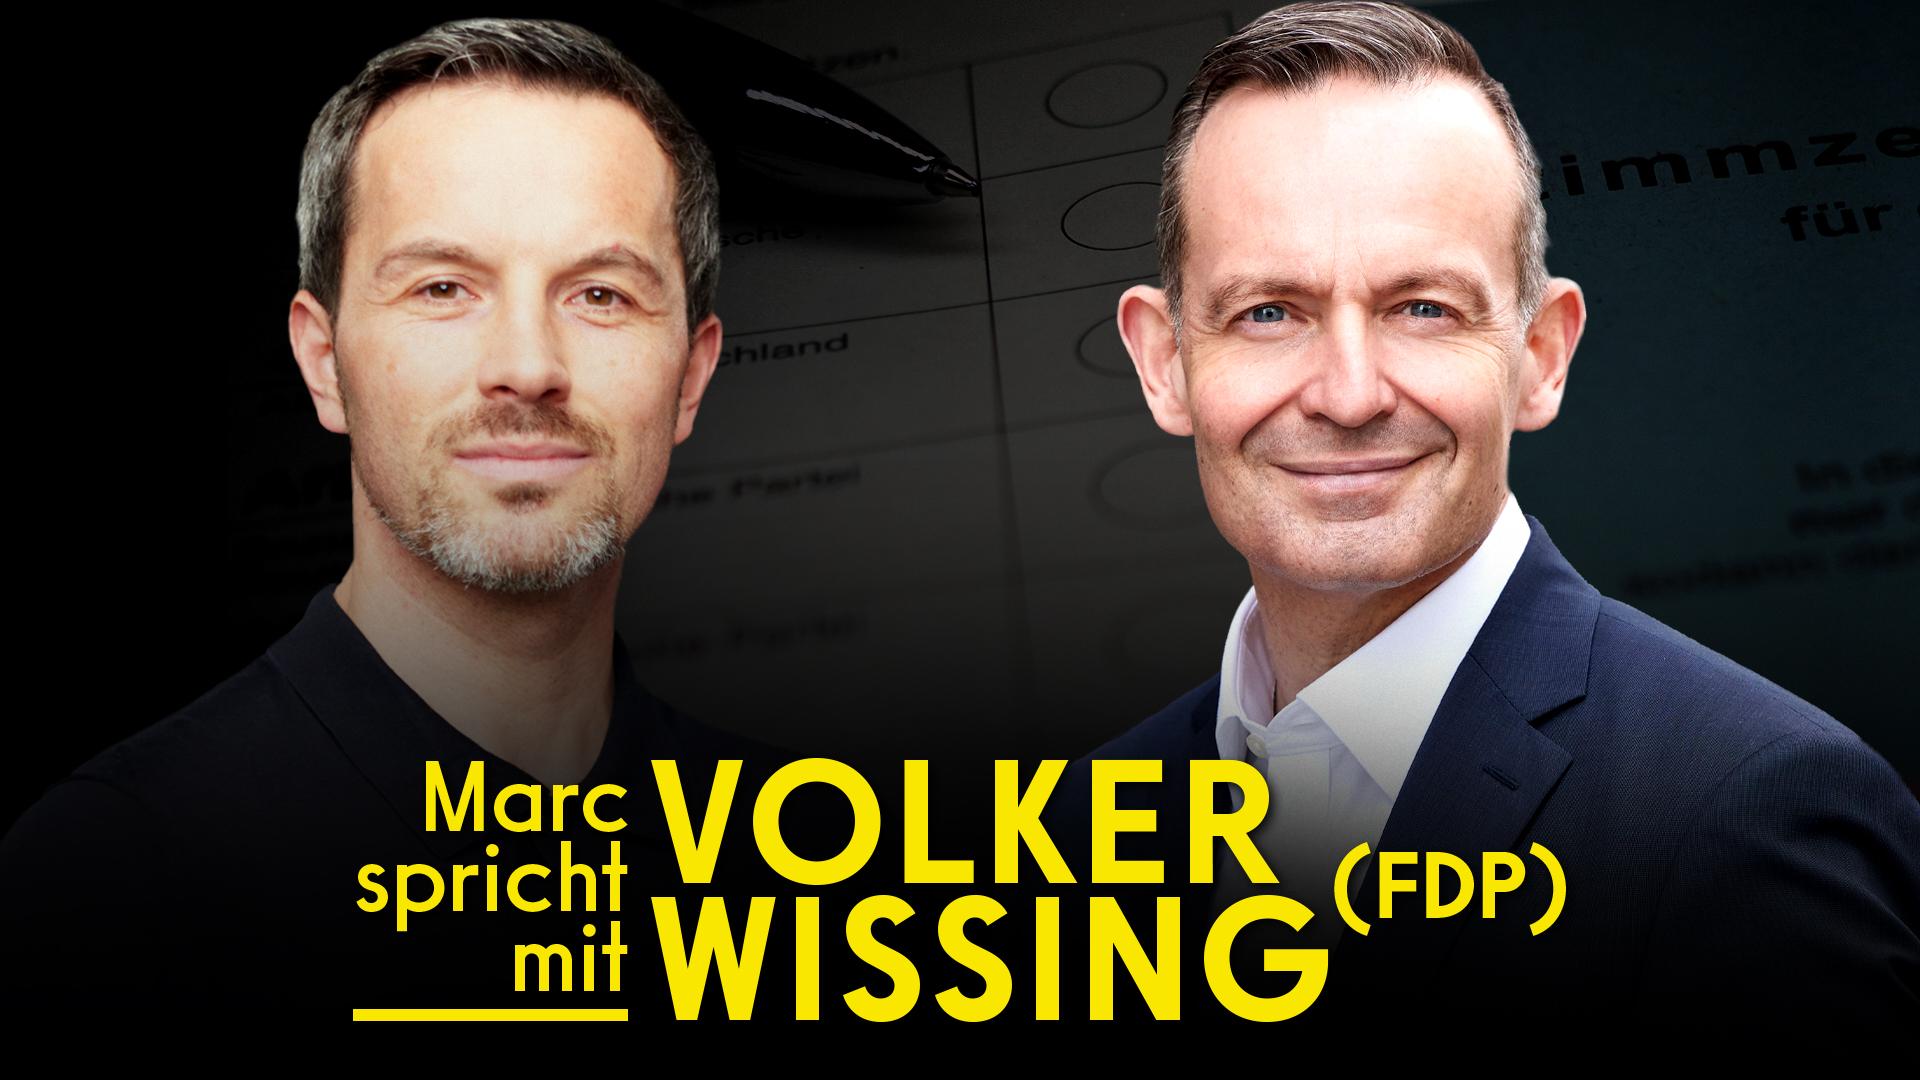 """YouTube: """"Die Bundesregierung hat Grenzen überschritten"""" (Wofür die FDP steht)"""